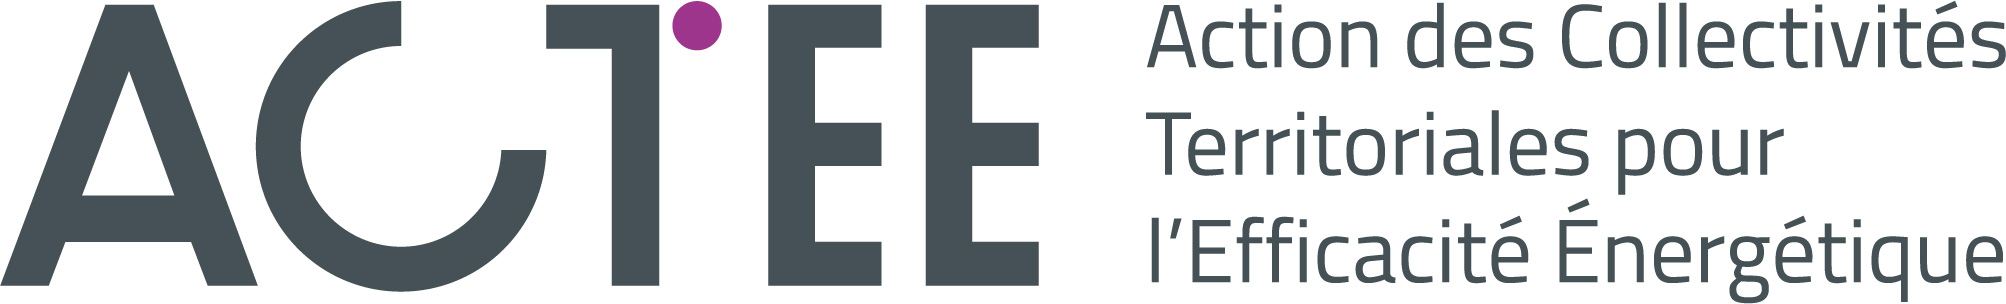 ACTEE - Action des Collectivités Territoriales pour l'Efficacité Energétique